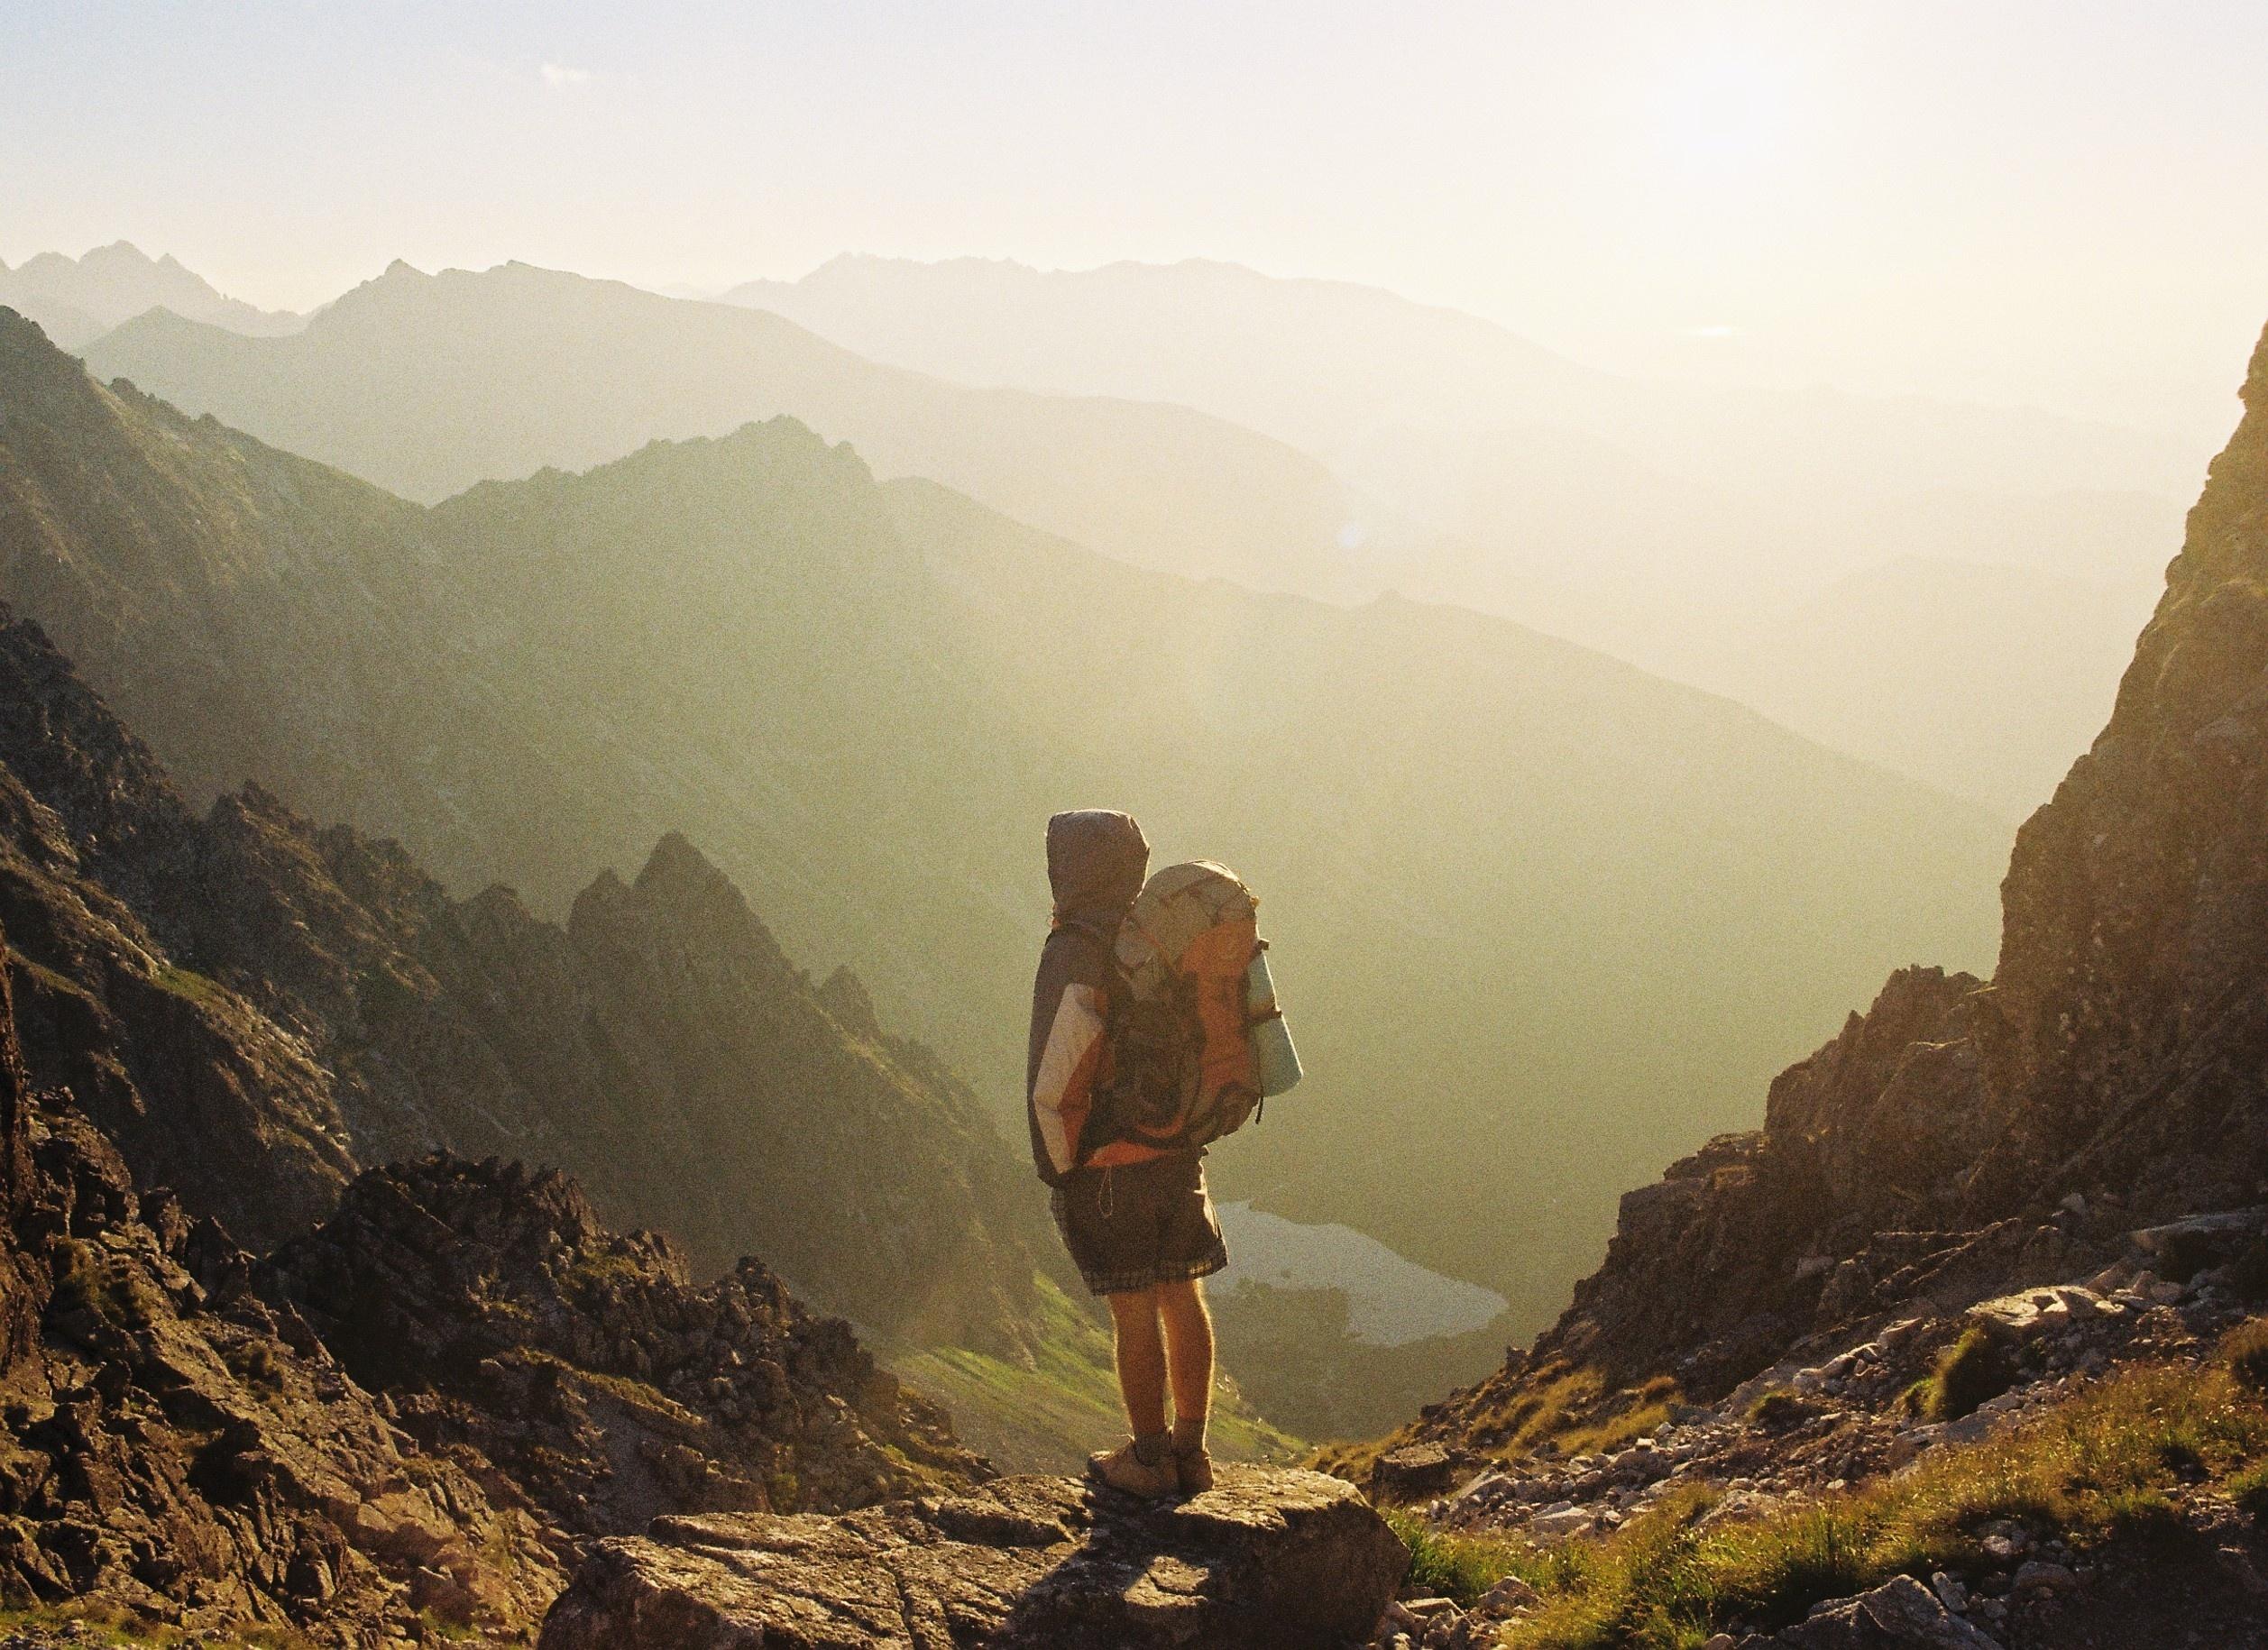 Hiking-Backpack.jpg